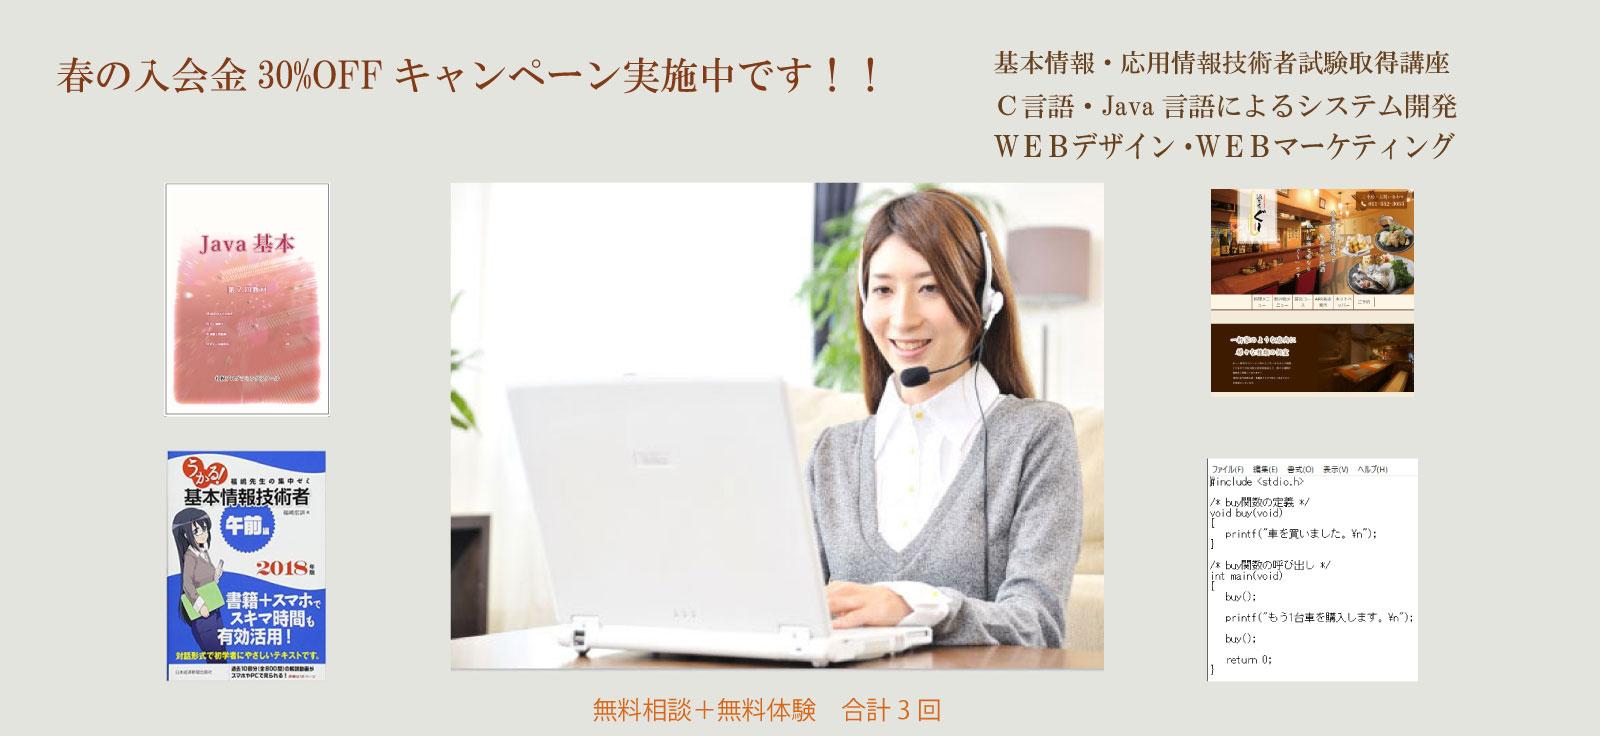 札プロAmazonギフト券進呈キャンペーンヘッダー画像